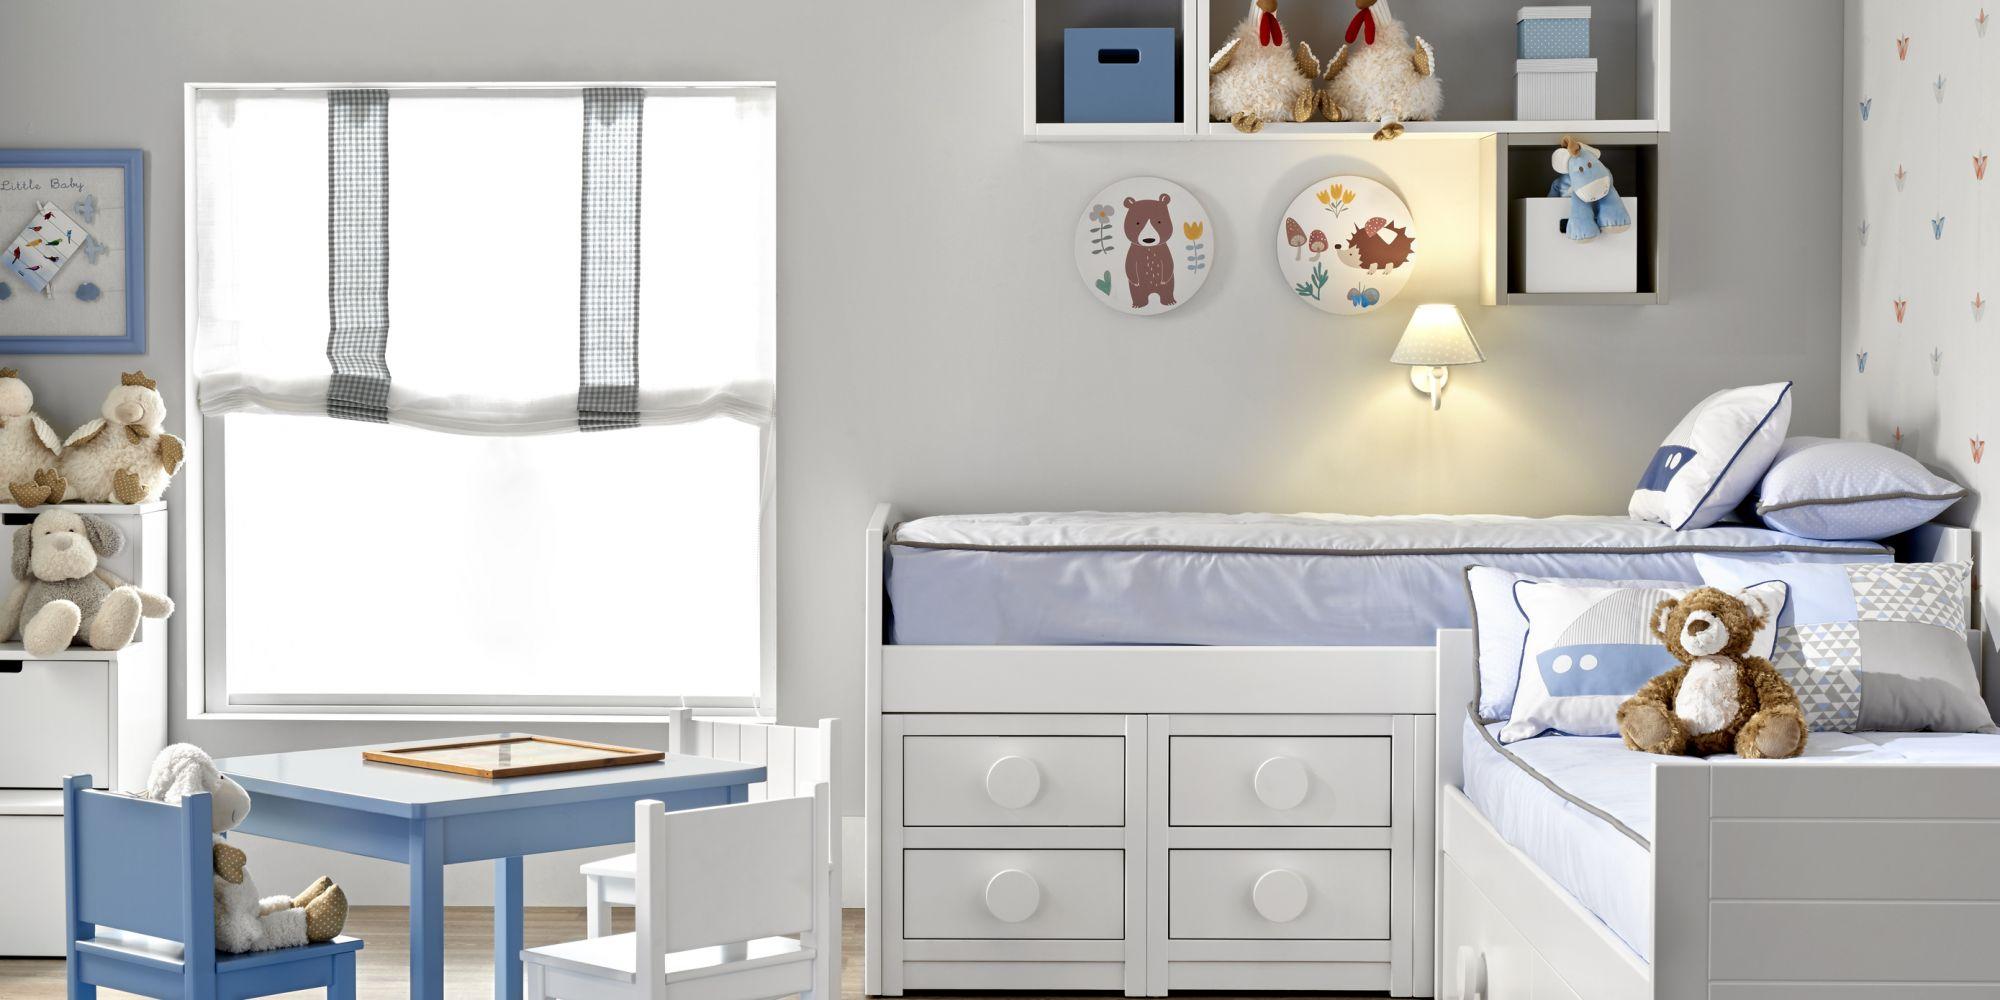 Habitación infantil bloque bajo de dos camas con zona de juego